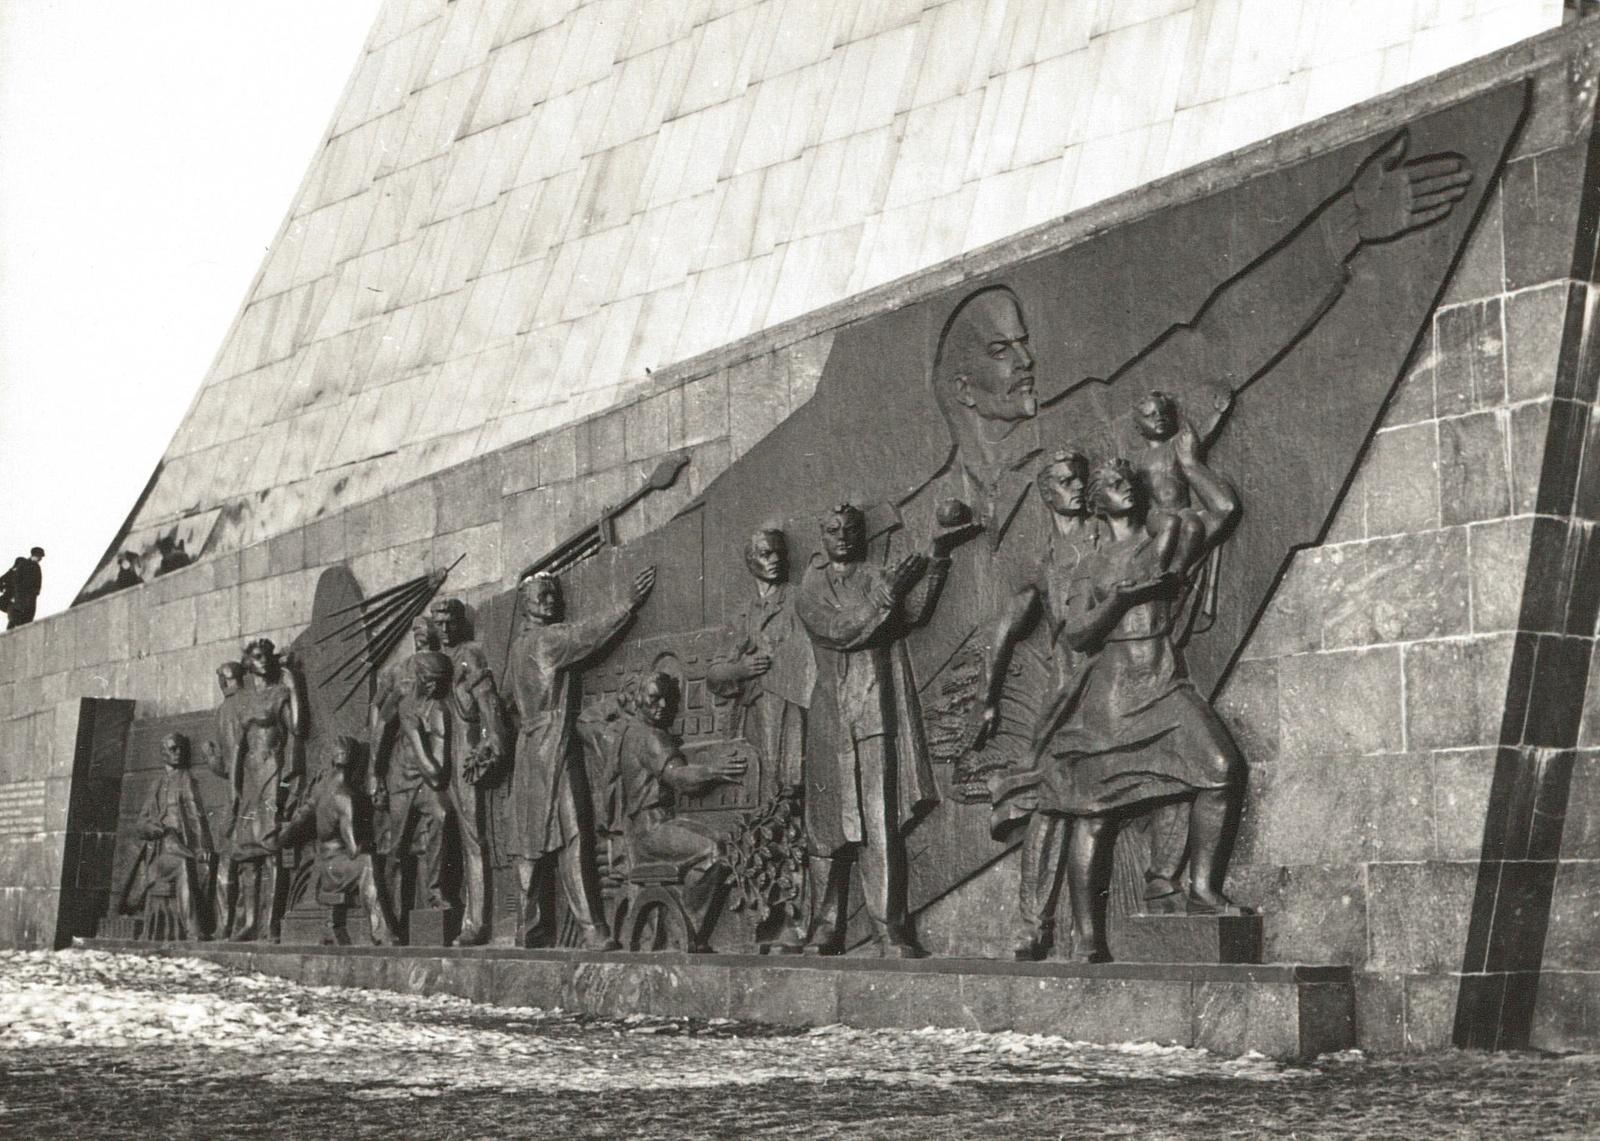 Москва. Памятник Покорителям космоса. 1967